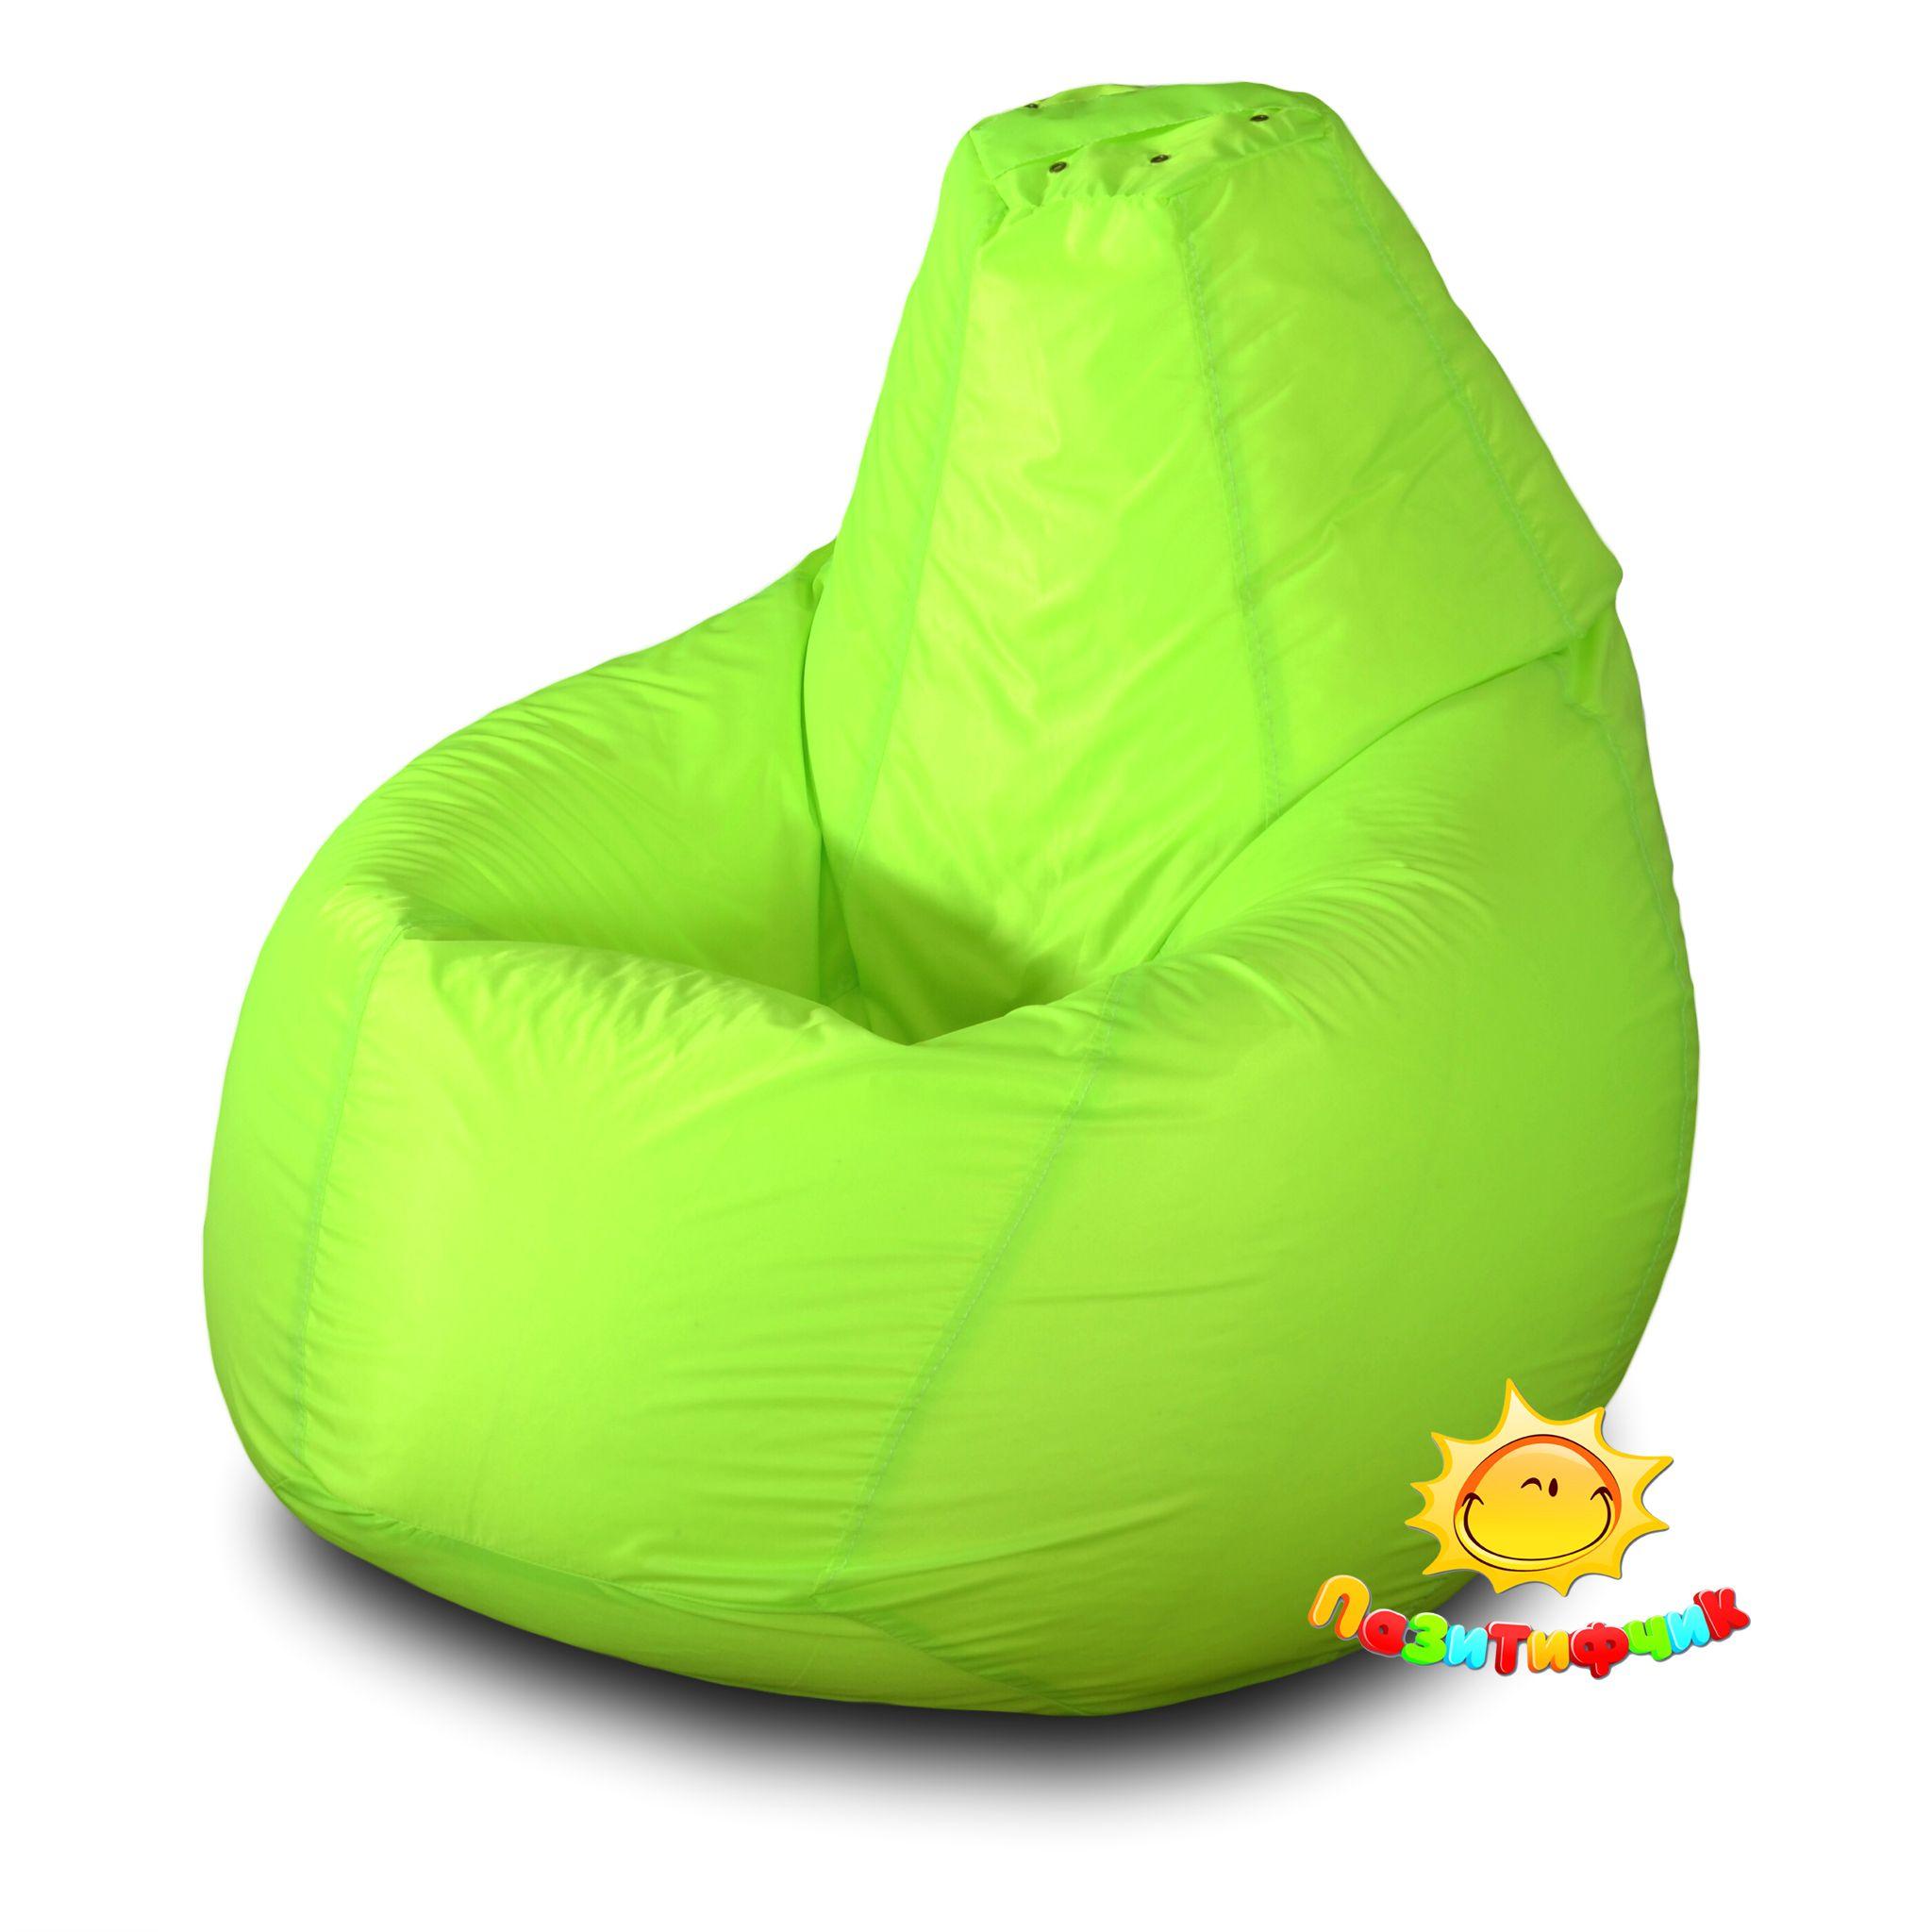 Кресло-мешок Pazitif Груша Пазитифчик, размер L, оксфорд, лимонный фото